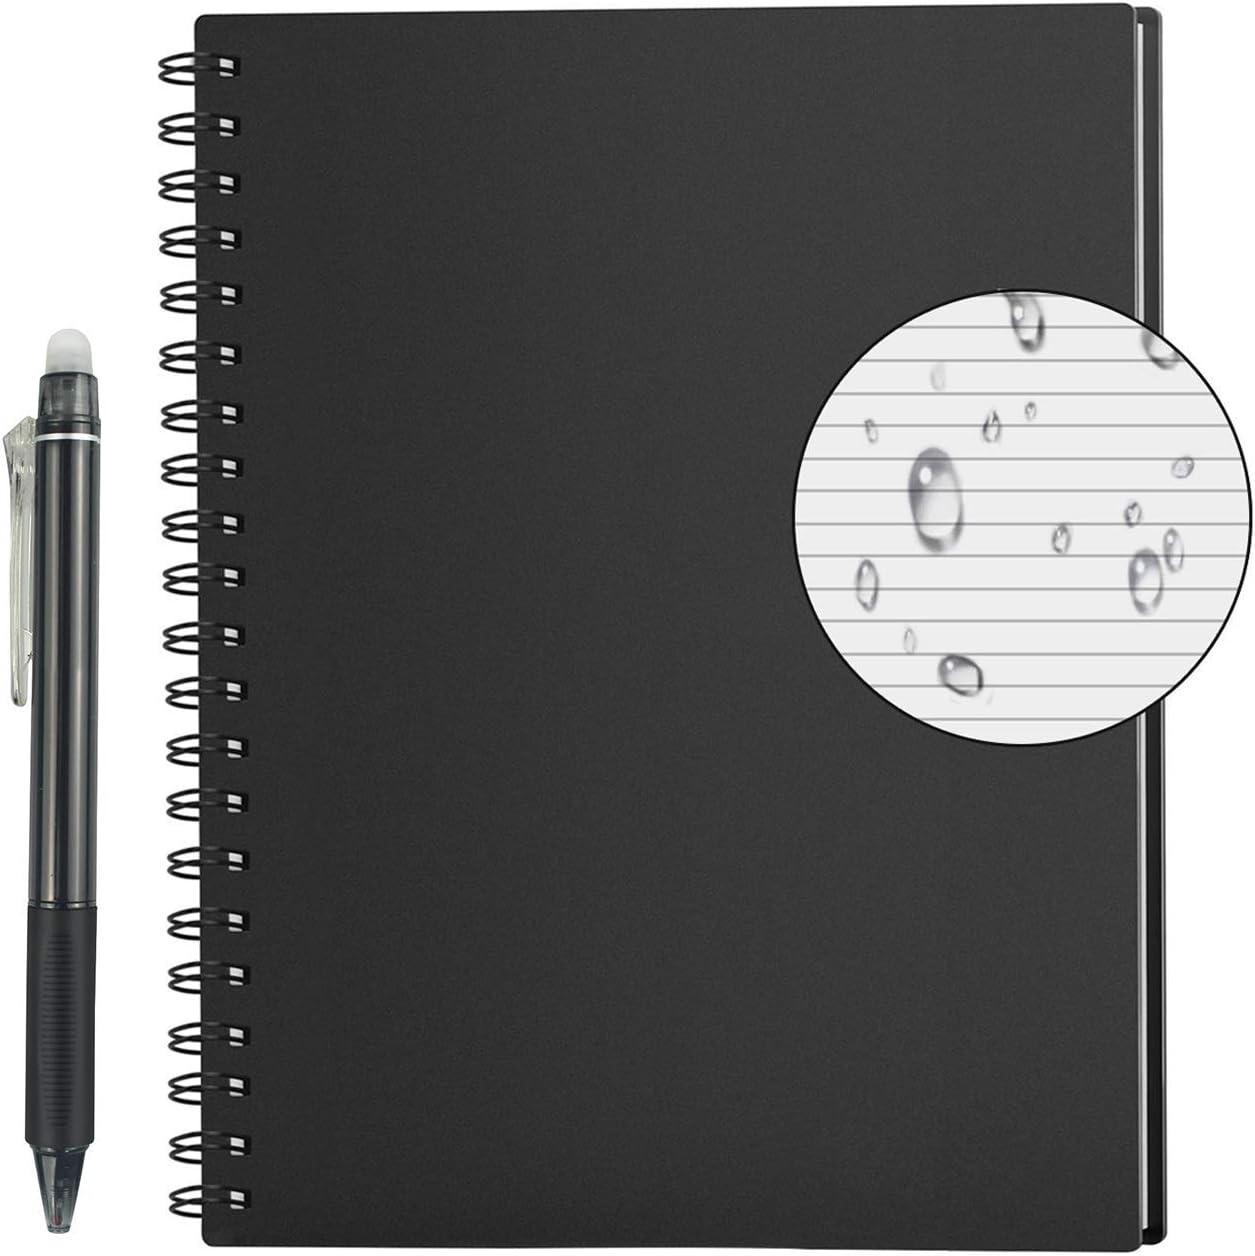 Libreta y bolígrafo inteligentes